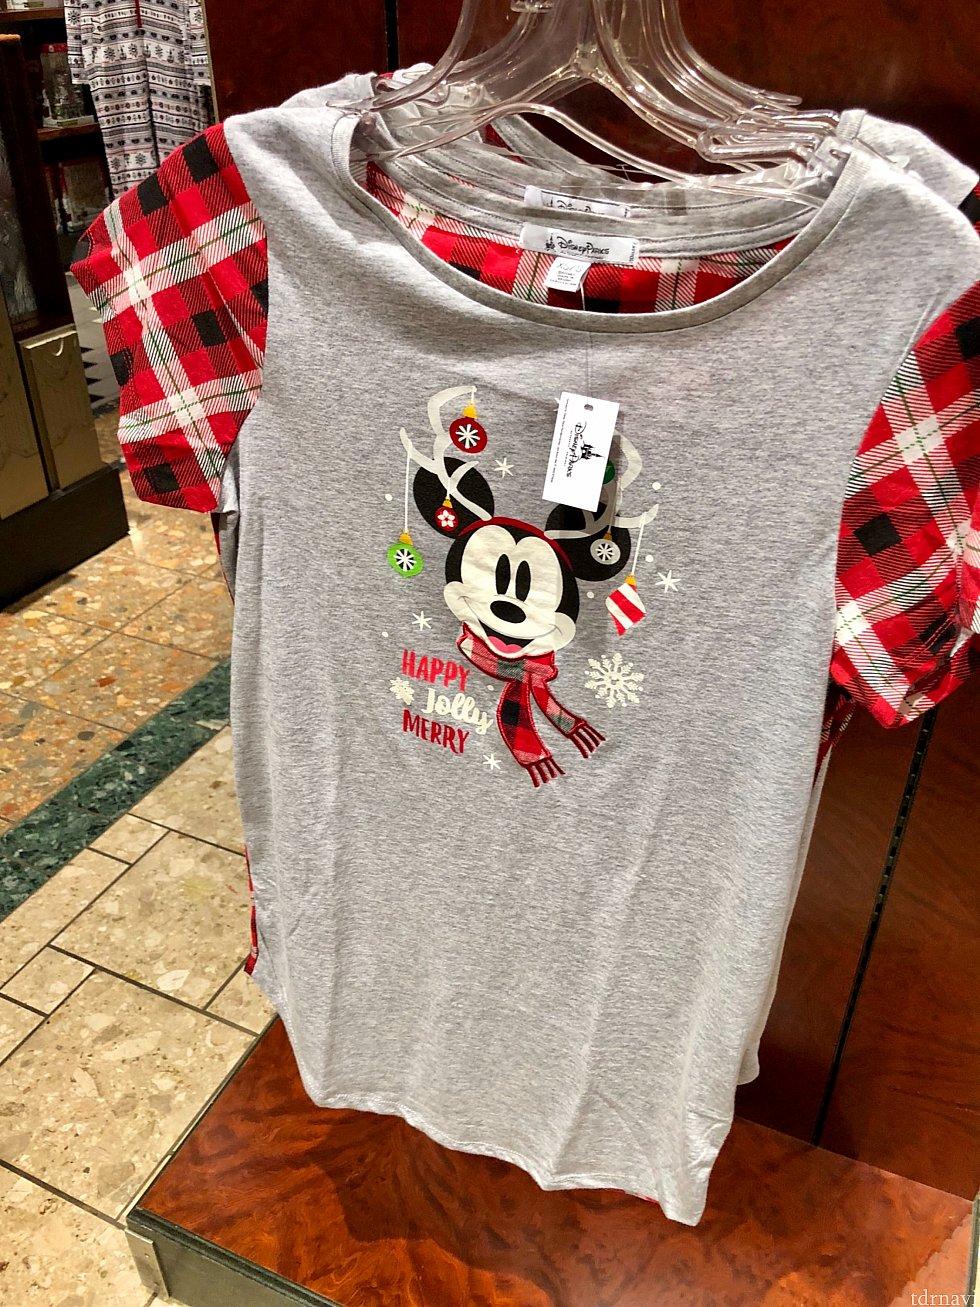 レディース用のナイトシャツというそうです。裾が長いみたいです。$34.99